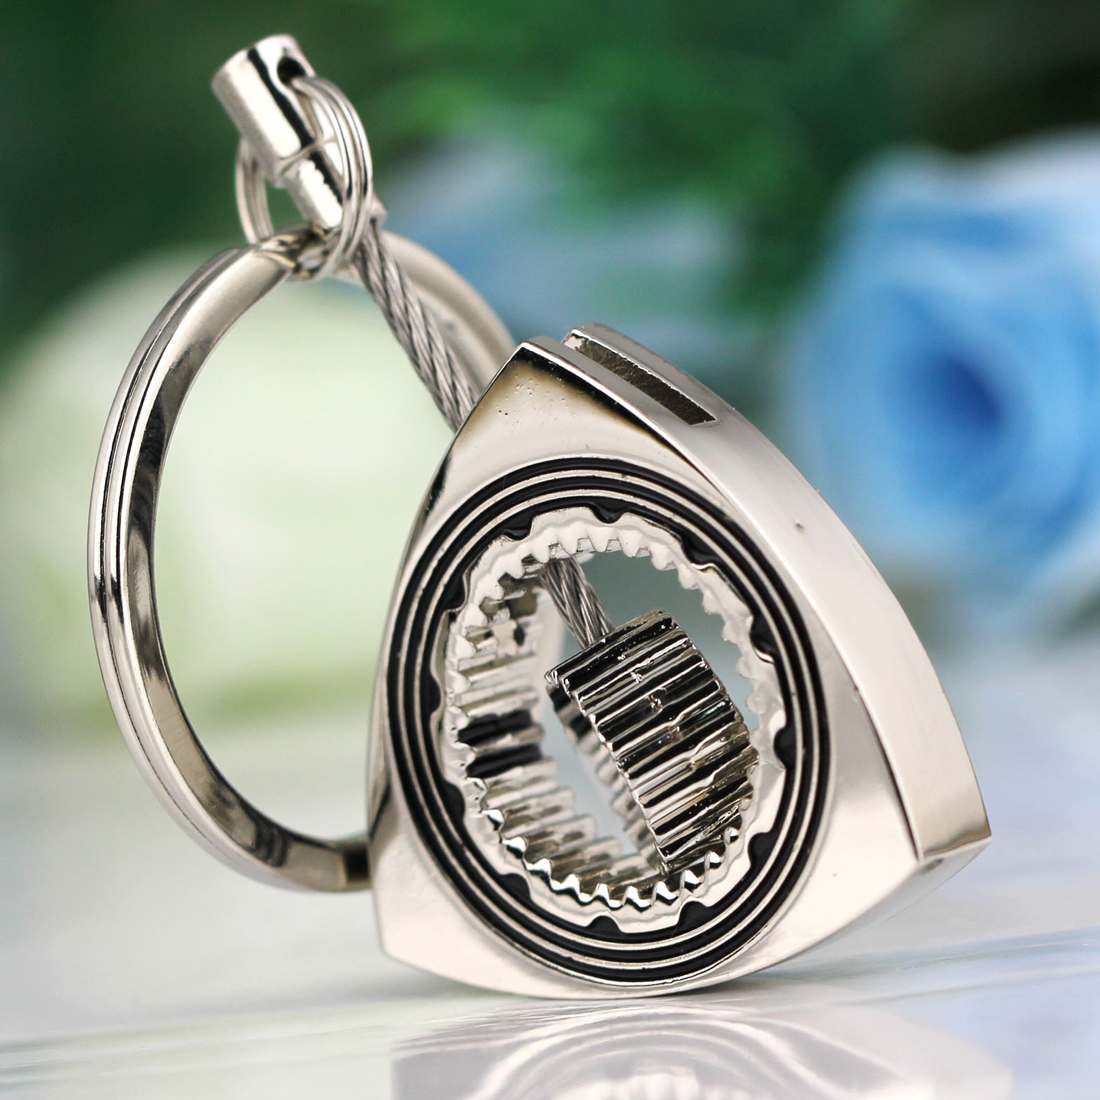 Dönər Rotor Anahtaraqlı Cilalanmış Gümüşü Auto Parça - Avtomobil daxili aksesuarları - Fotoqrafiya 2